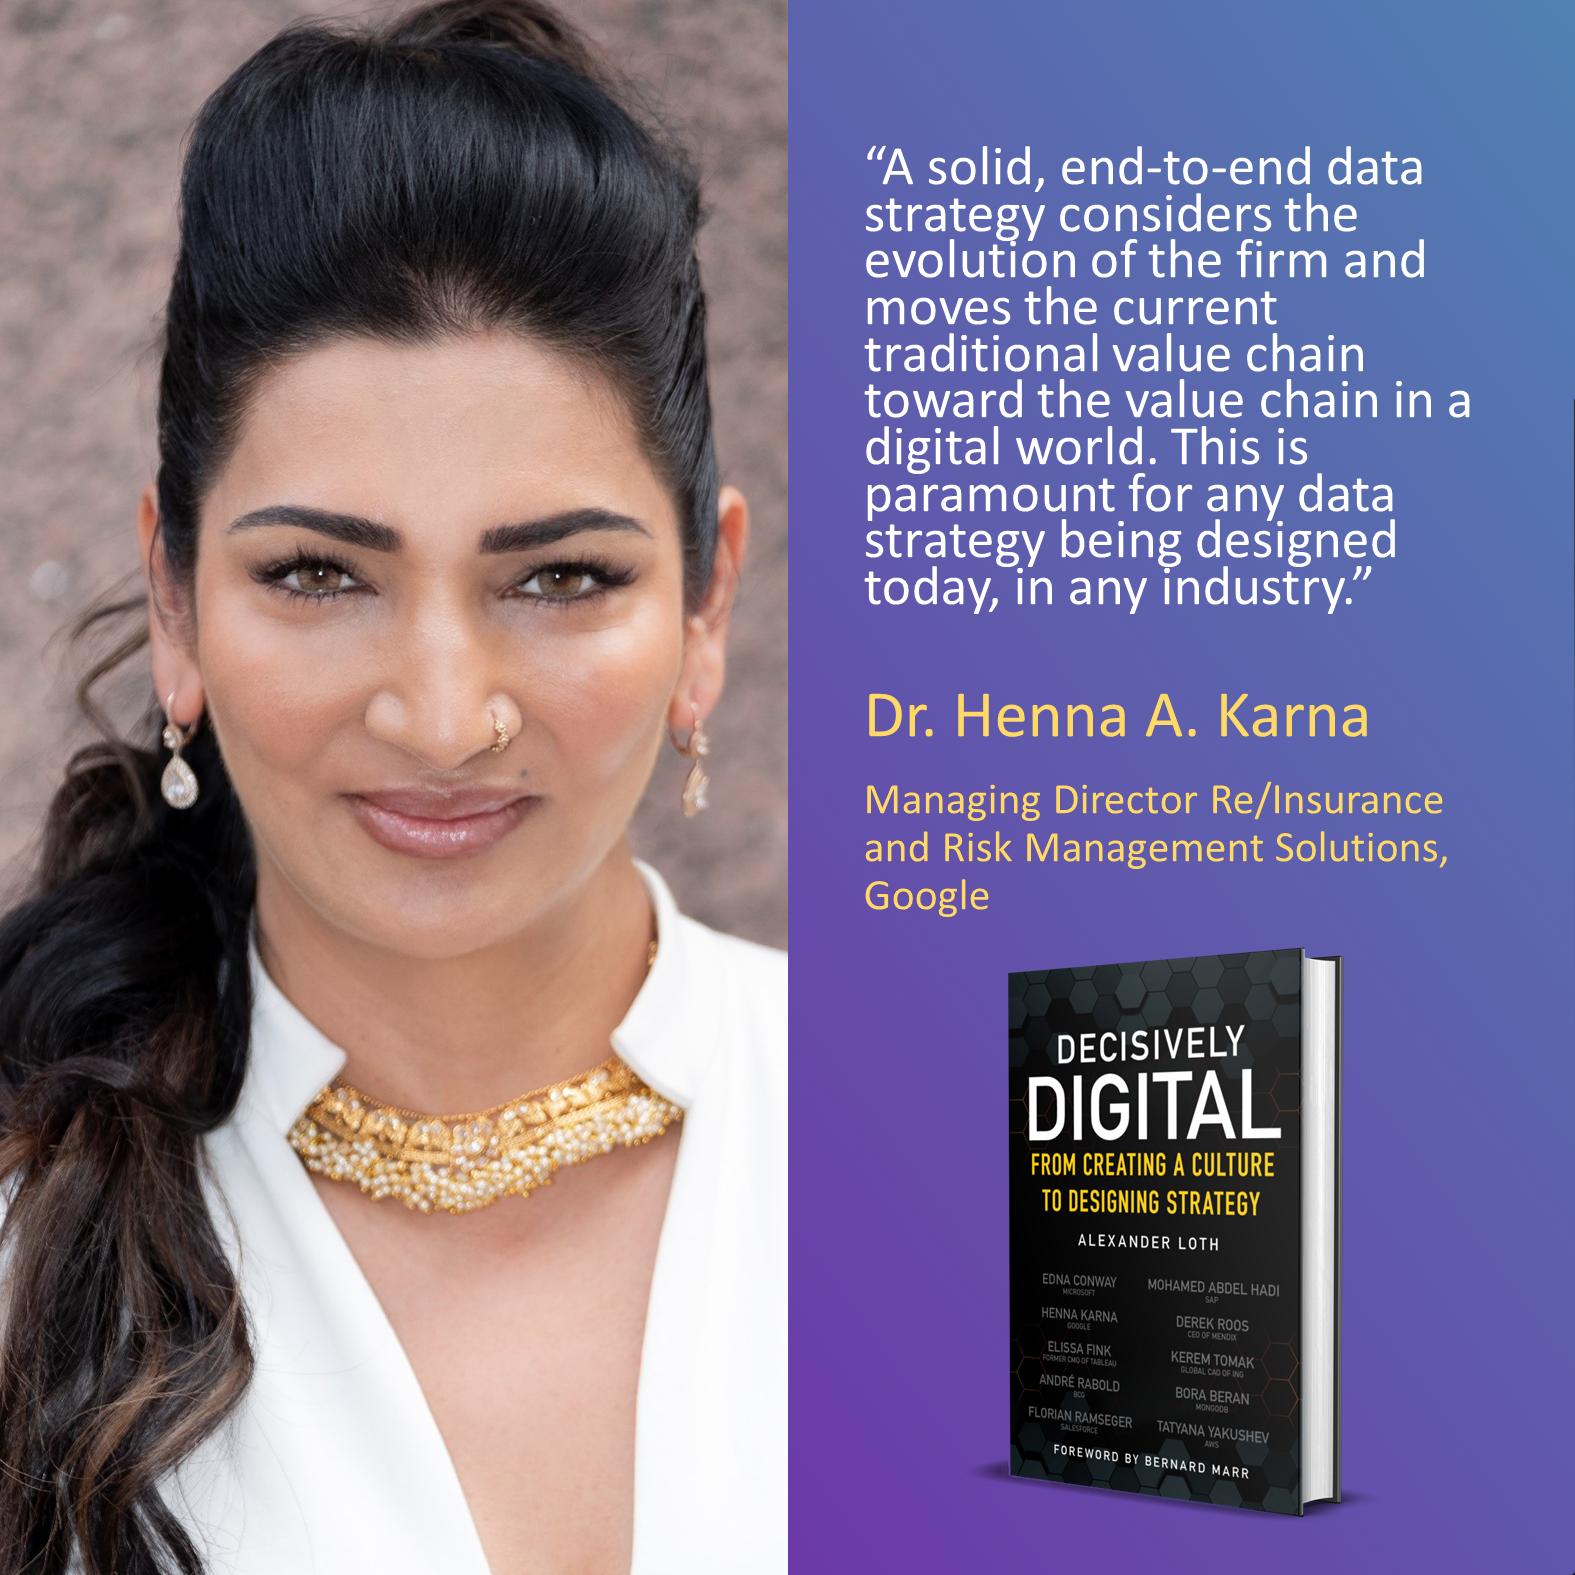 Dr. Henna A. Karna, Google